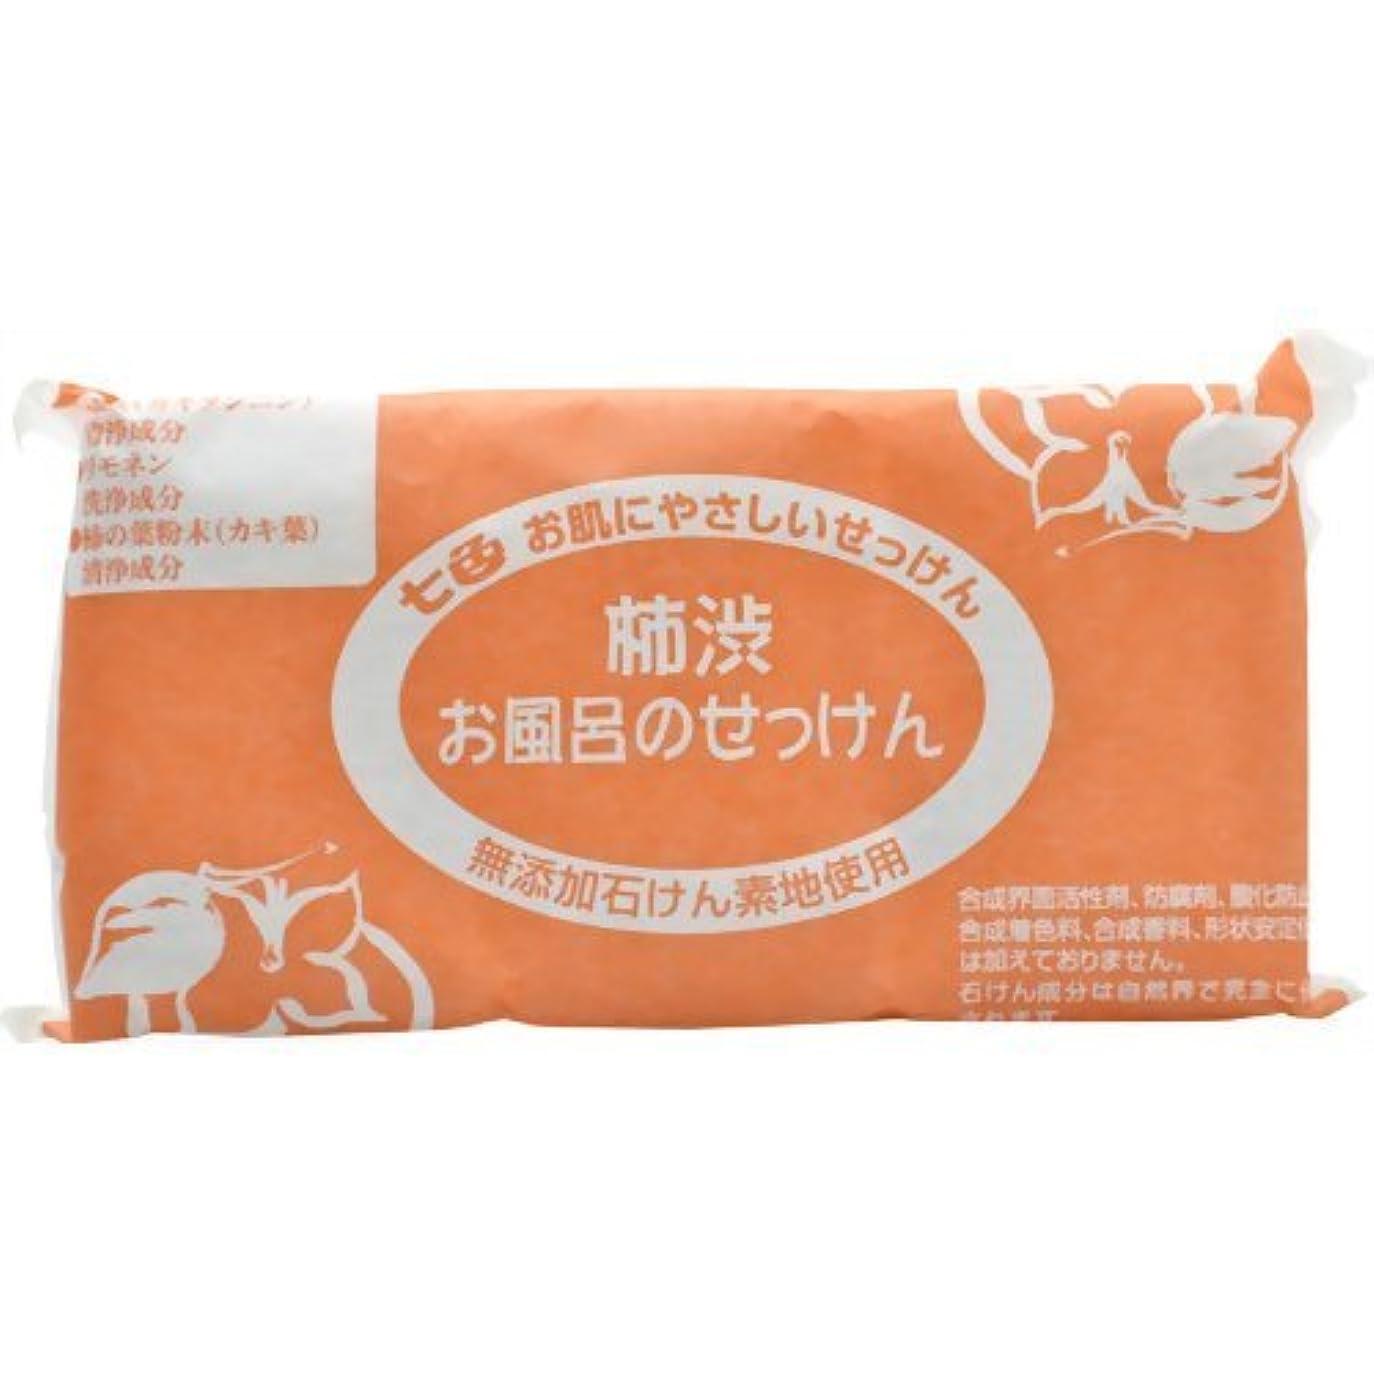 経験近所の君主制七色 お風呂のせっけん 柿渋(無添加石鹸) 100g×3個入